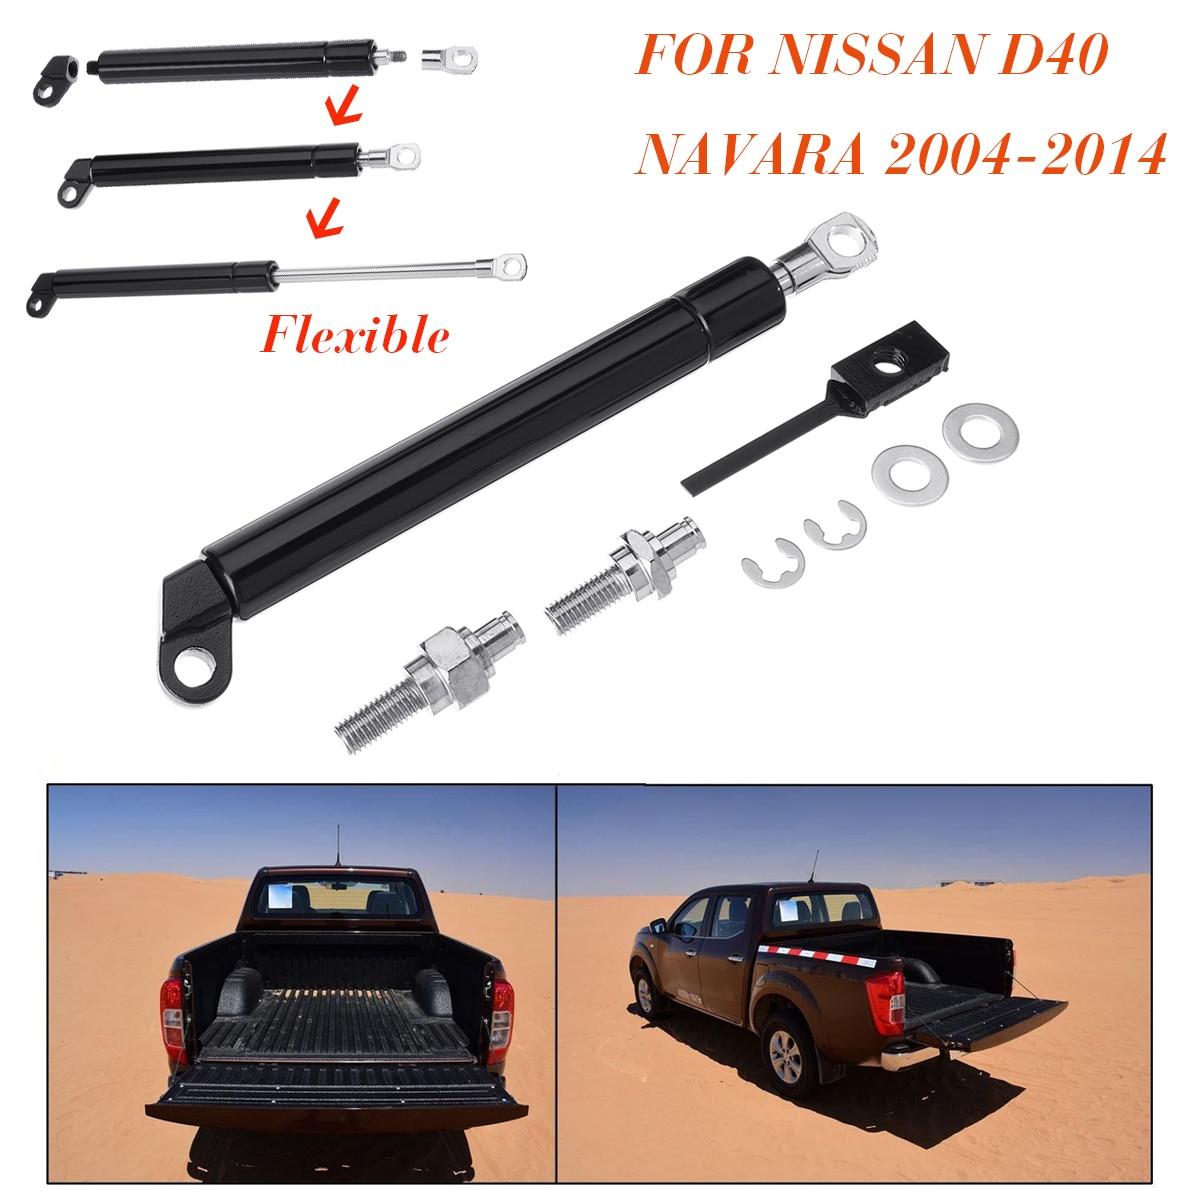 Pour Nissan D40 Navara 2004-2014 hayon hayon ralentisseur coffre amortisseurs à gaz Supports de levage